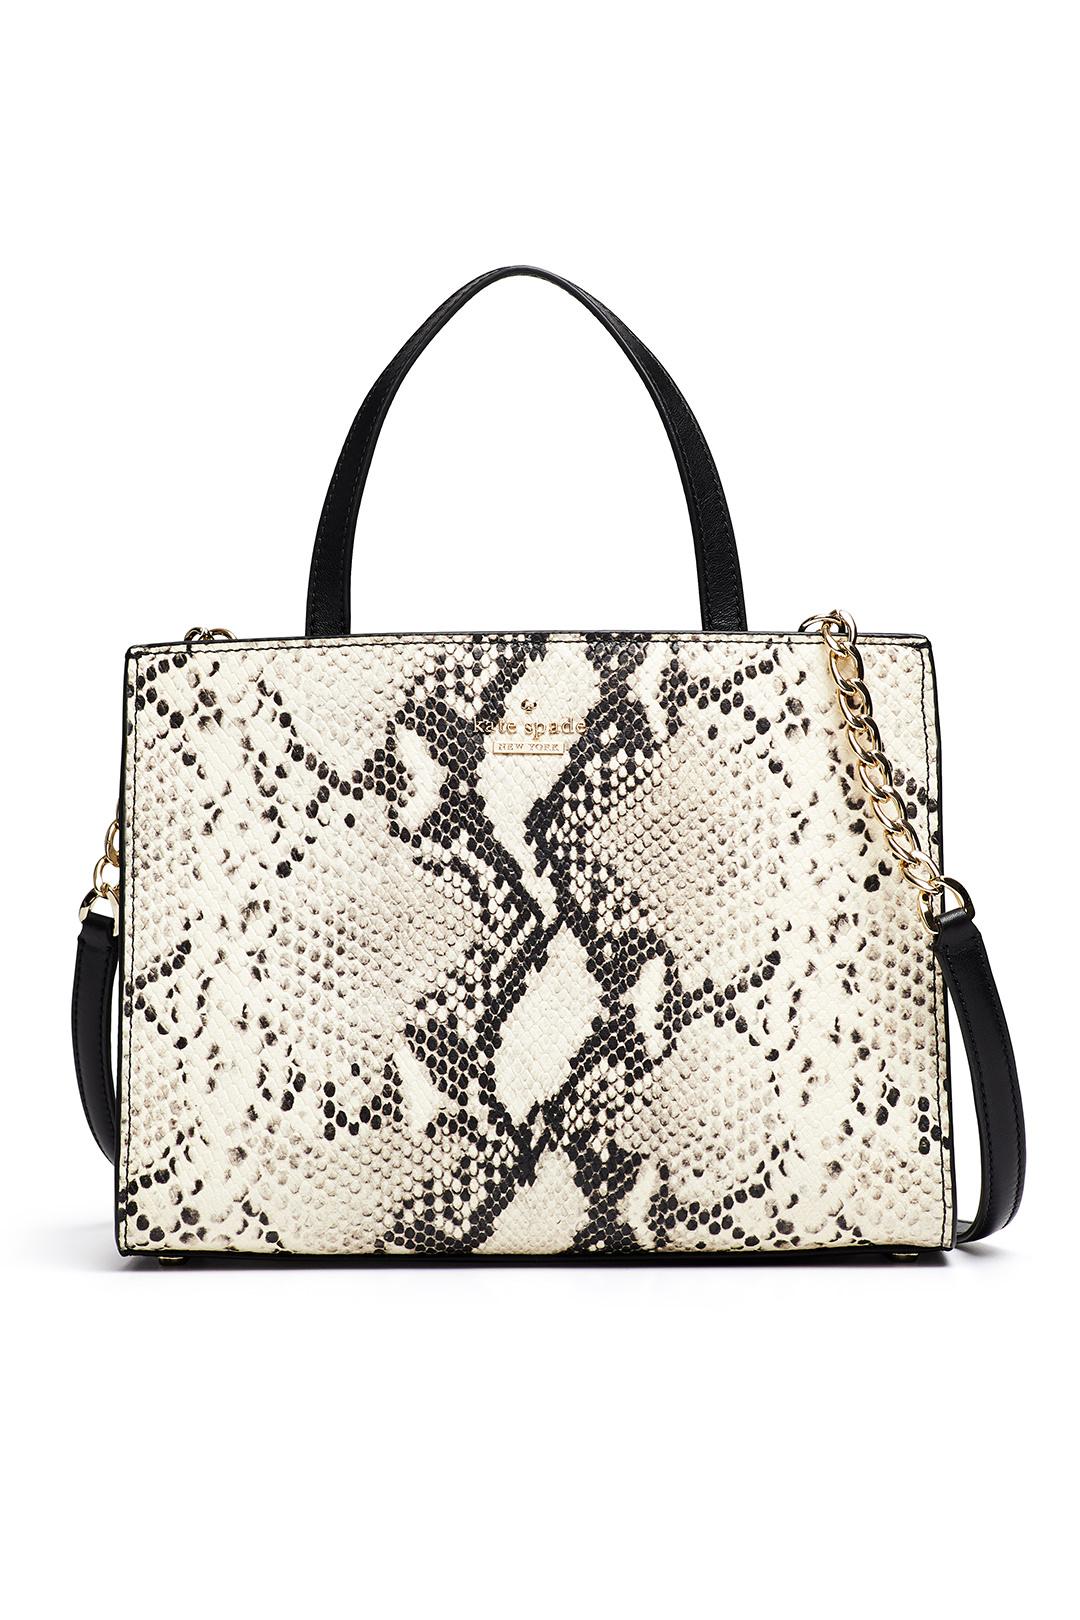 Kate Spade Snake Sam Bag